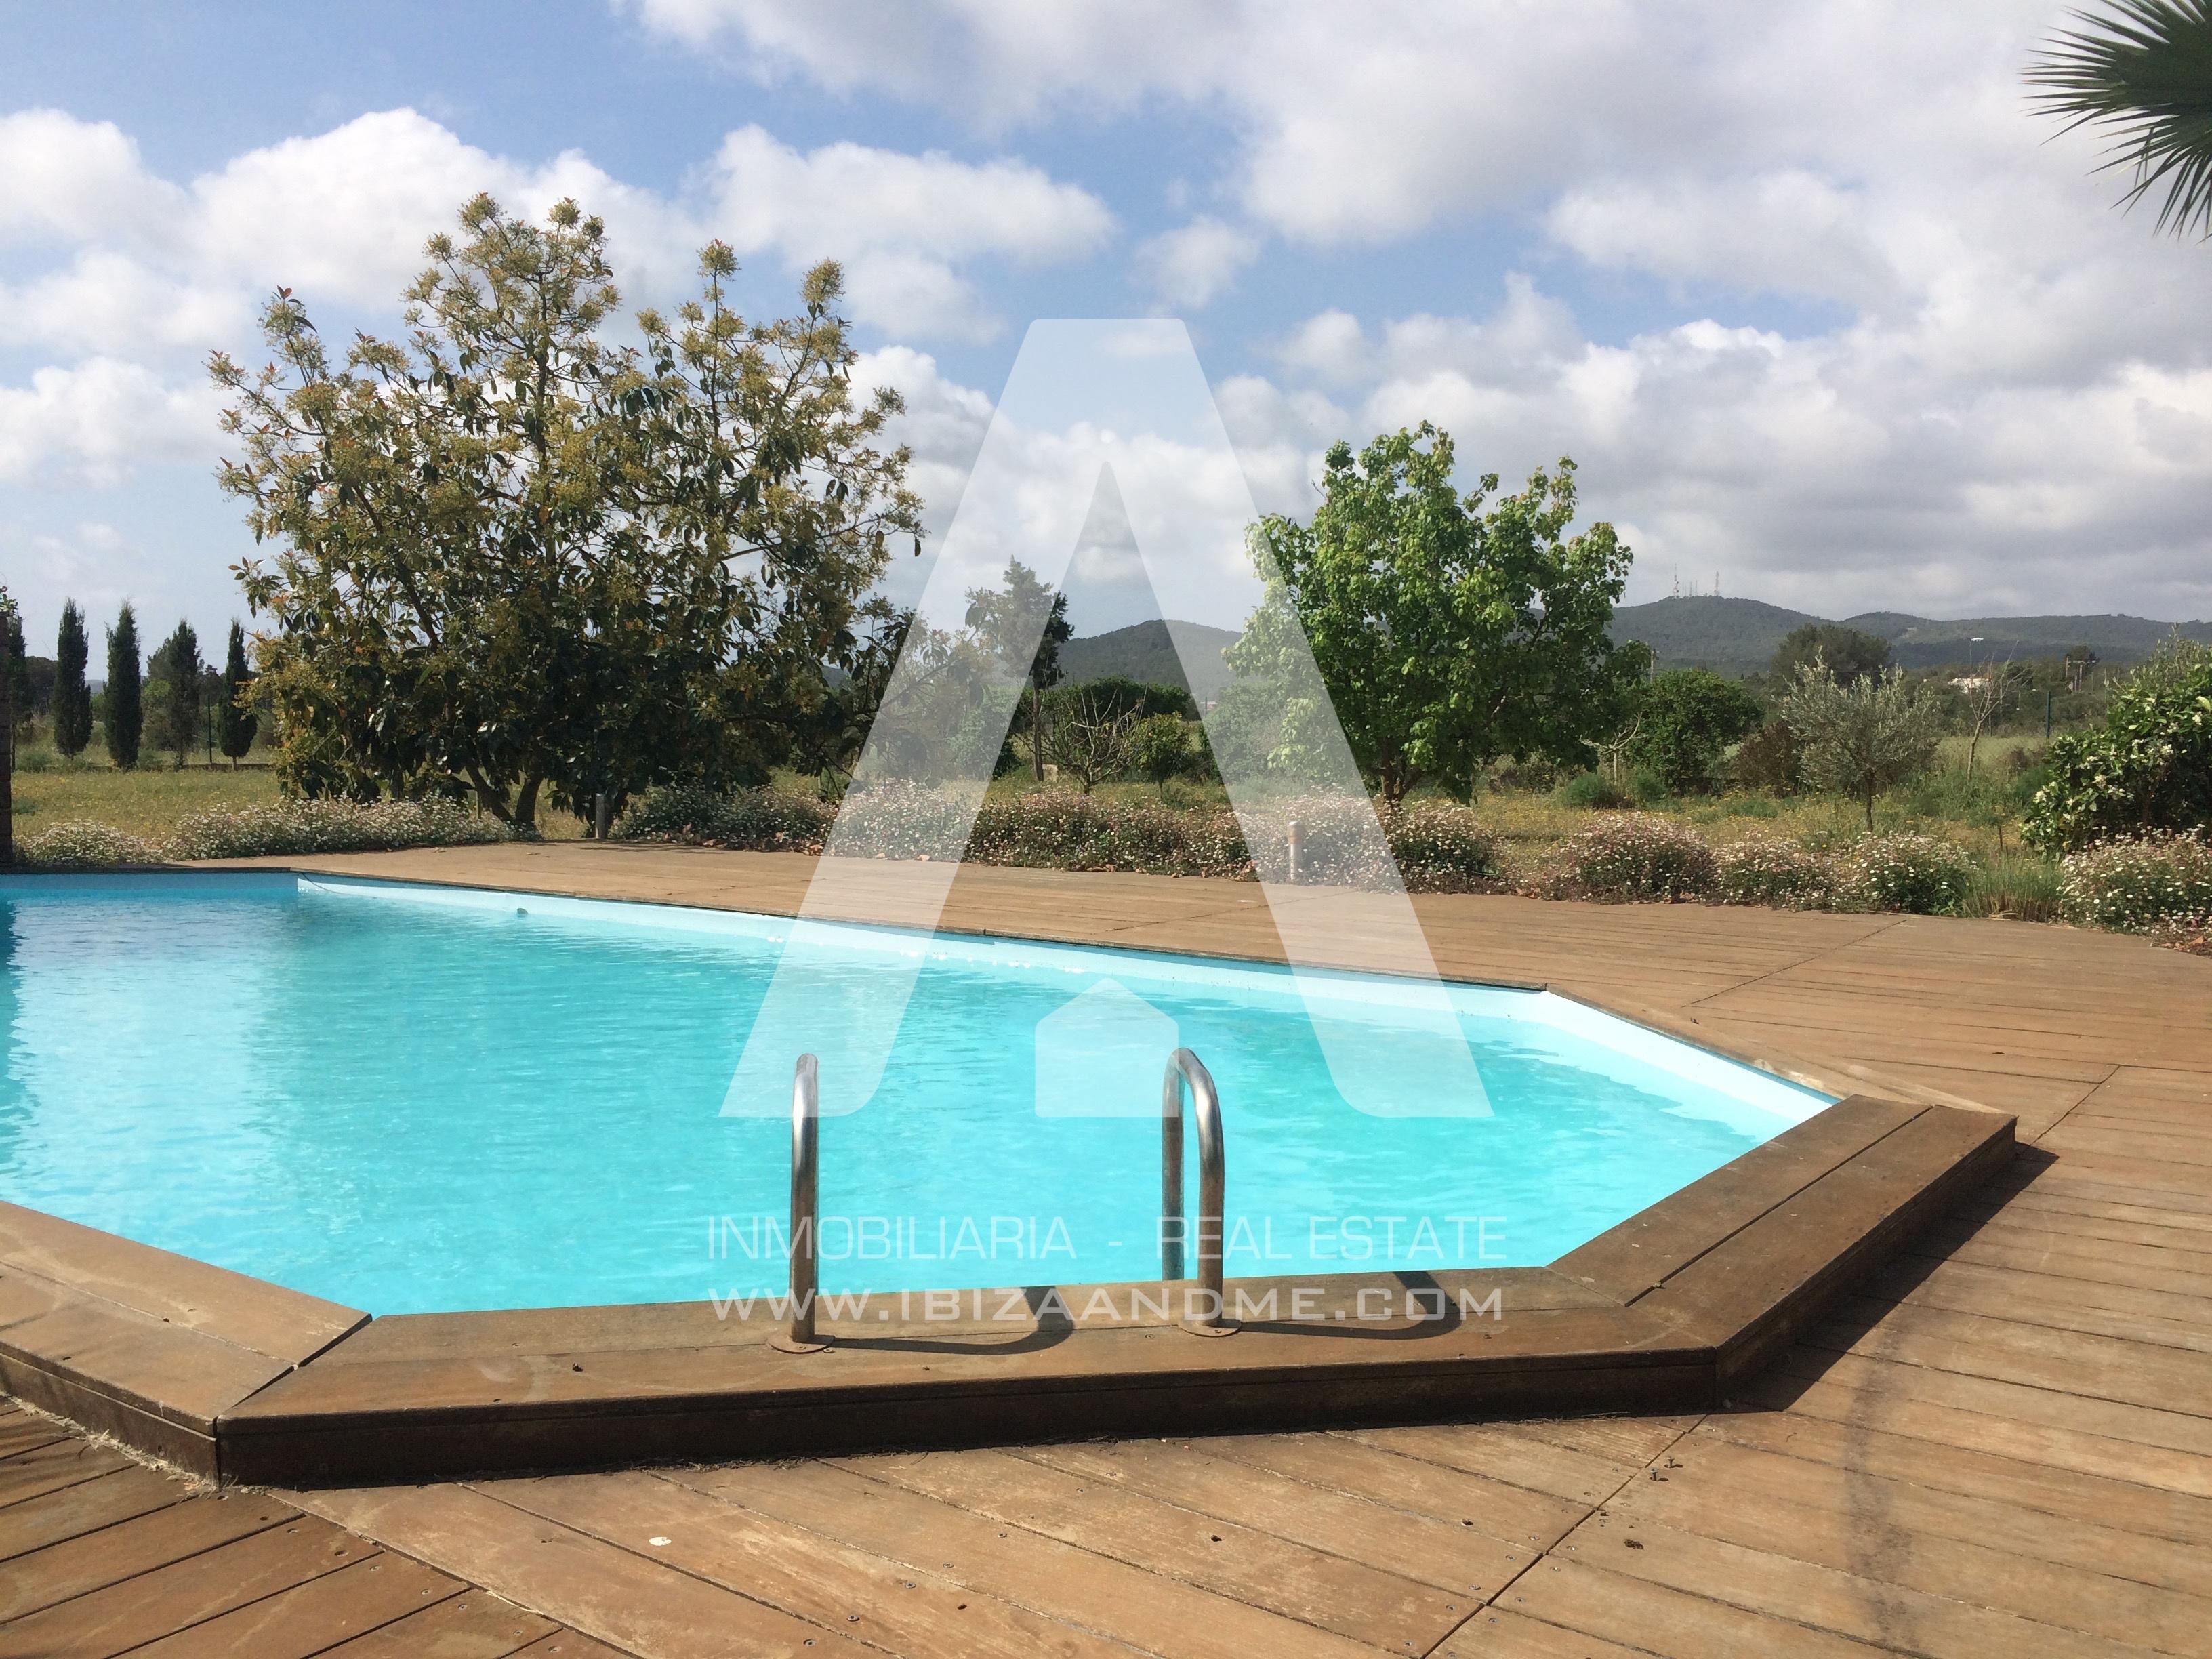 agua_22.Pool_3